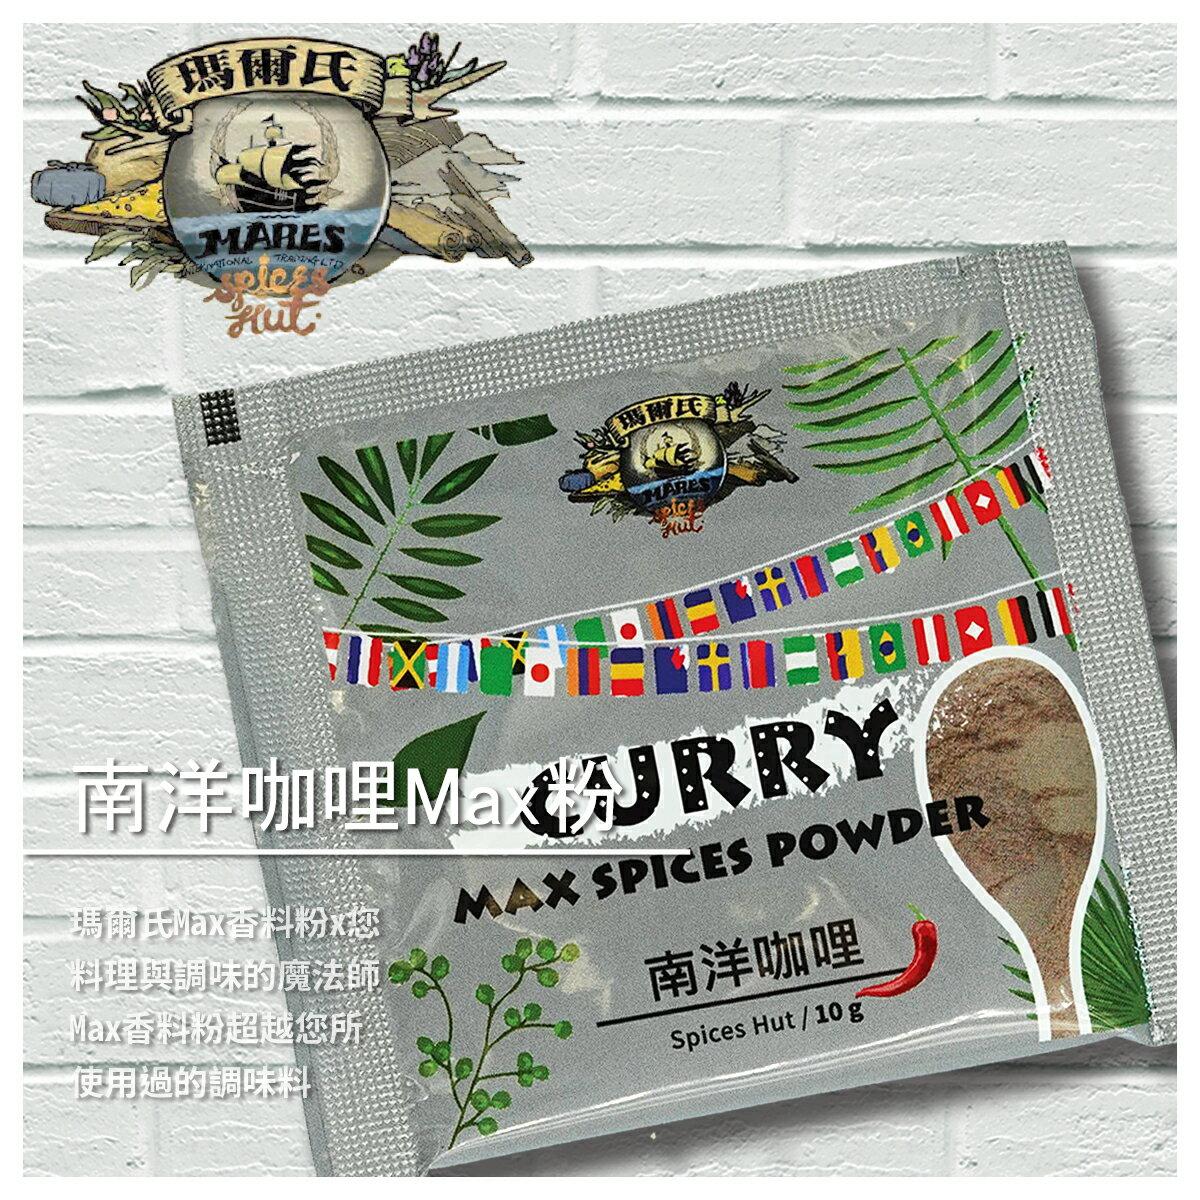 【瑪爾氏香料舖】南洋咖哩Max粉/單包裝